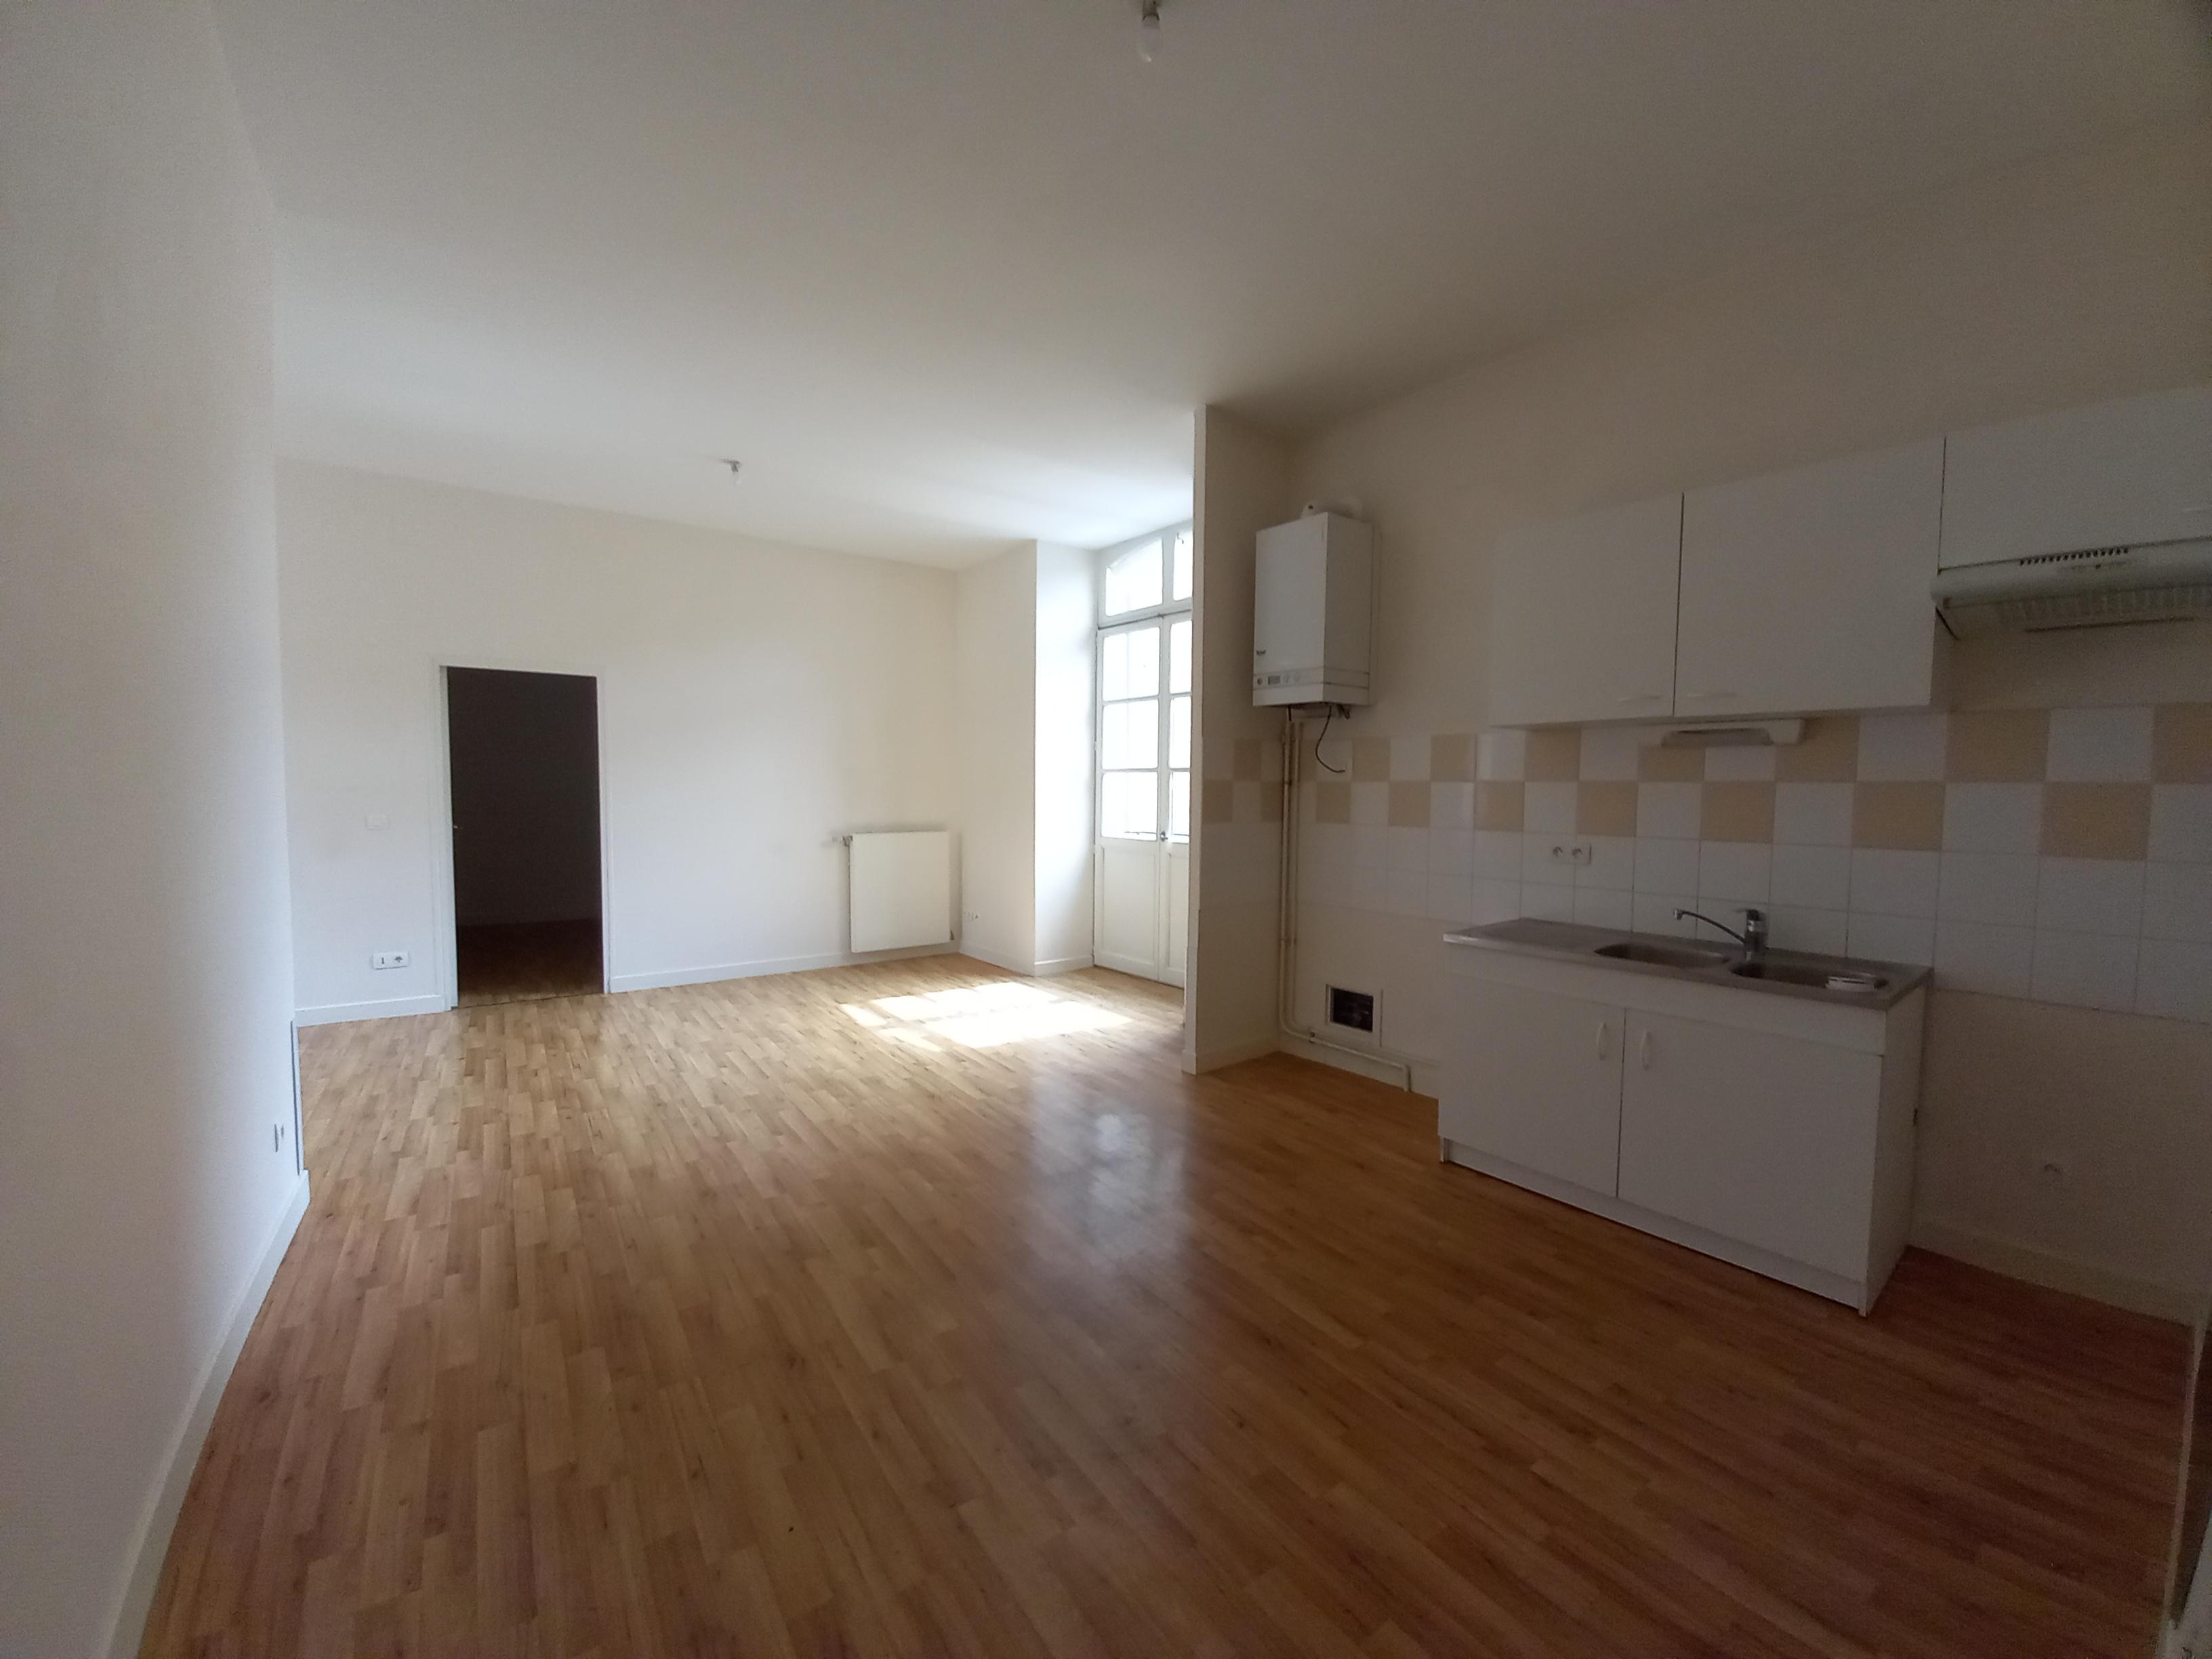 Appartement T4 à louer au 1er étage d'un immeuble du centre ville de FIGEAC